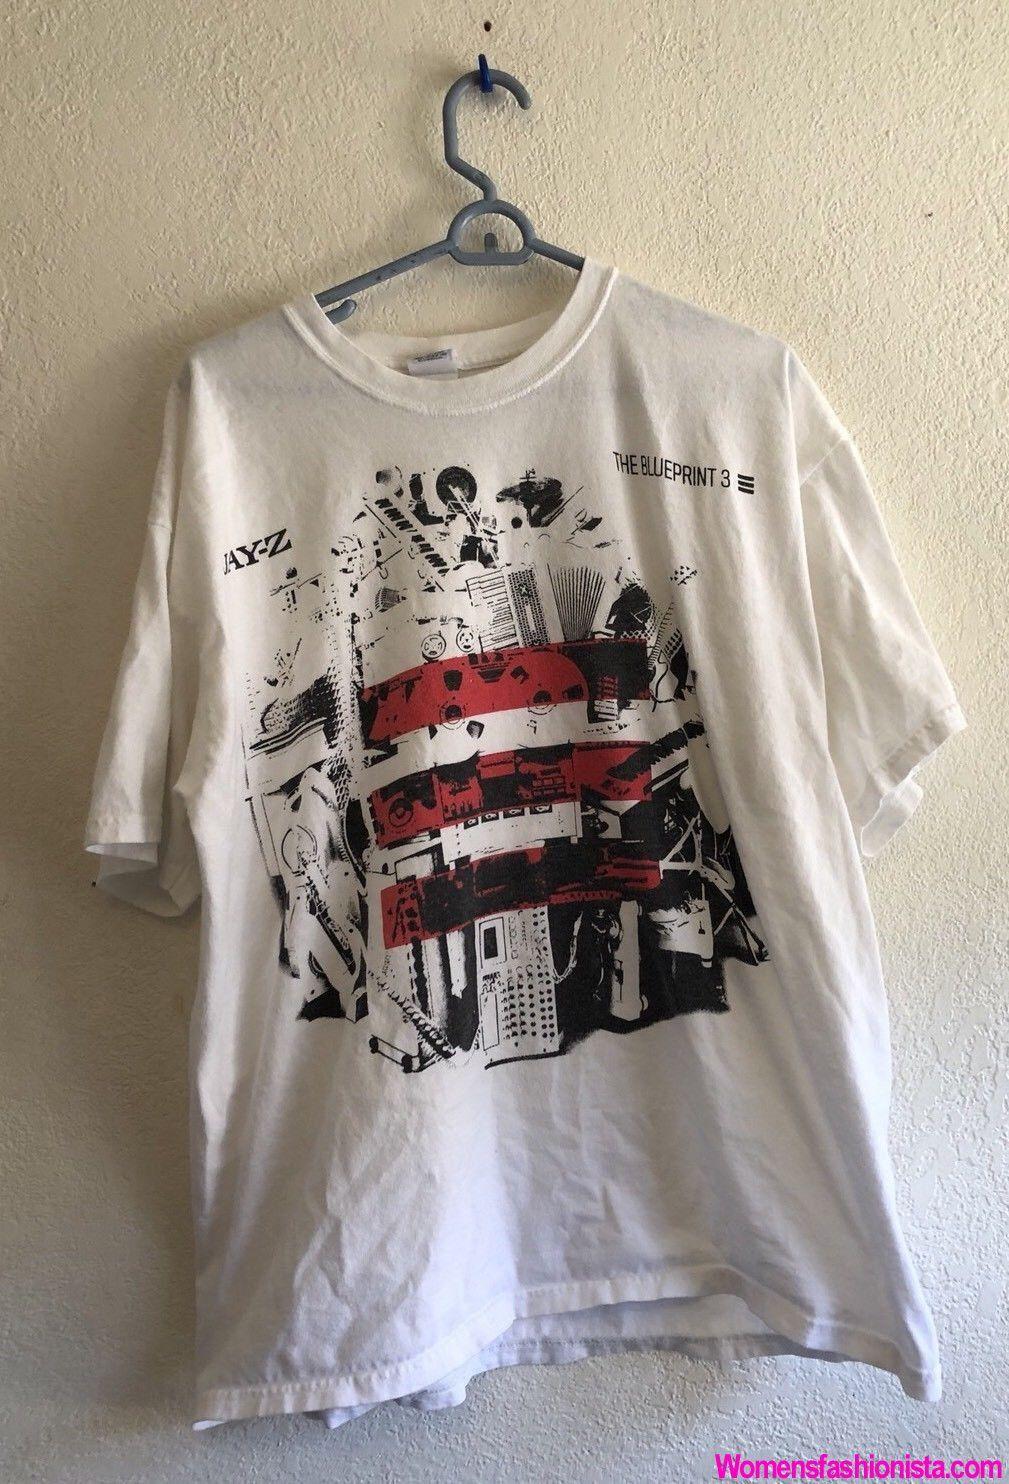 Jay z the blueprint 3 t shirt size xl hip hop rap beyonce beyonce jay z the blueprint 3 t shirt size xl hip hop rap beyonce malvernweather Gallery